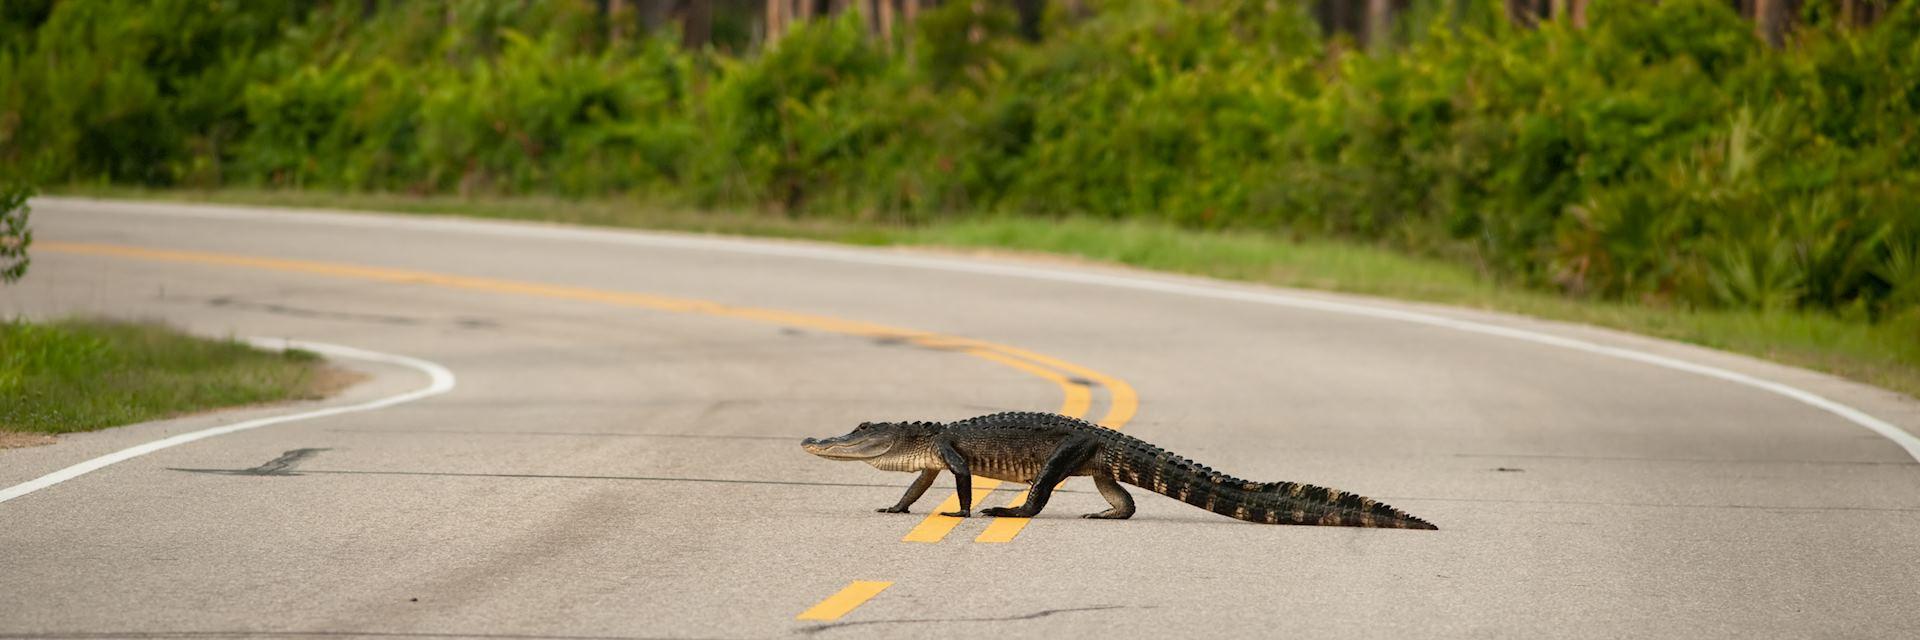 Alligator on Florida road